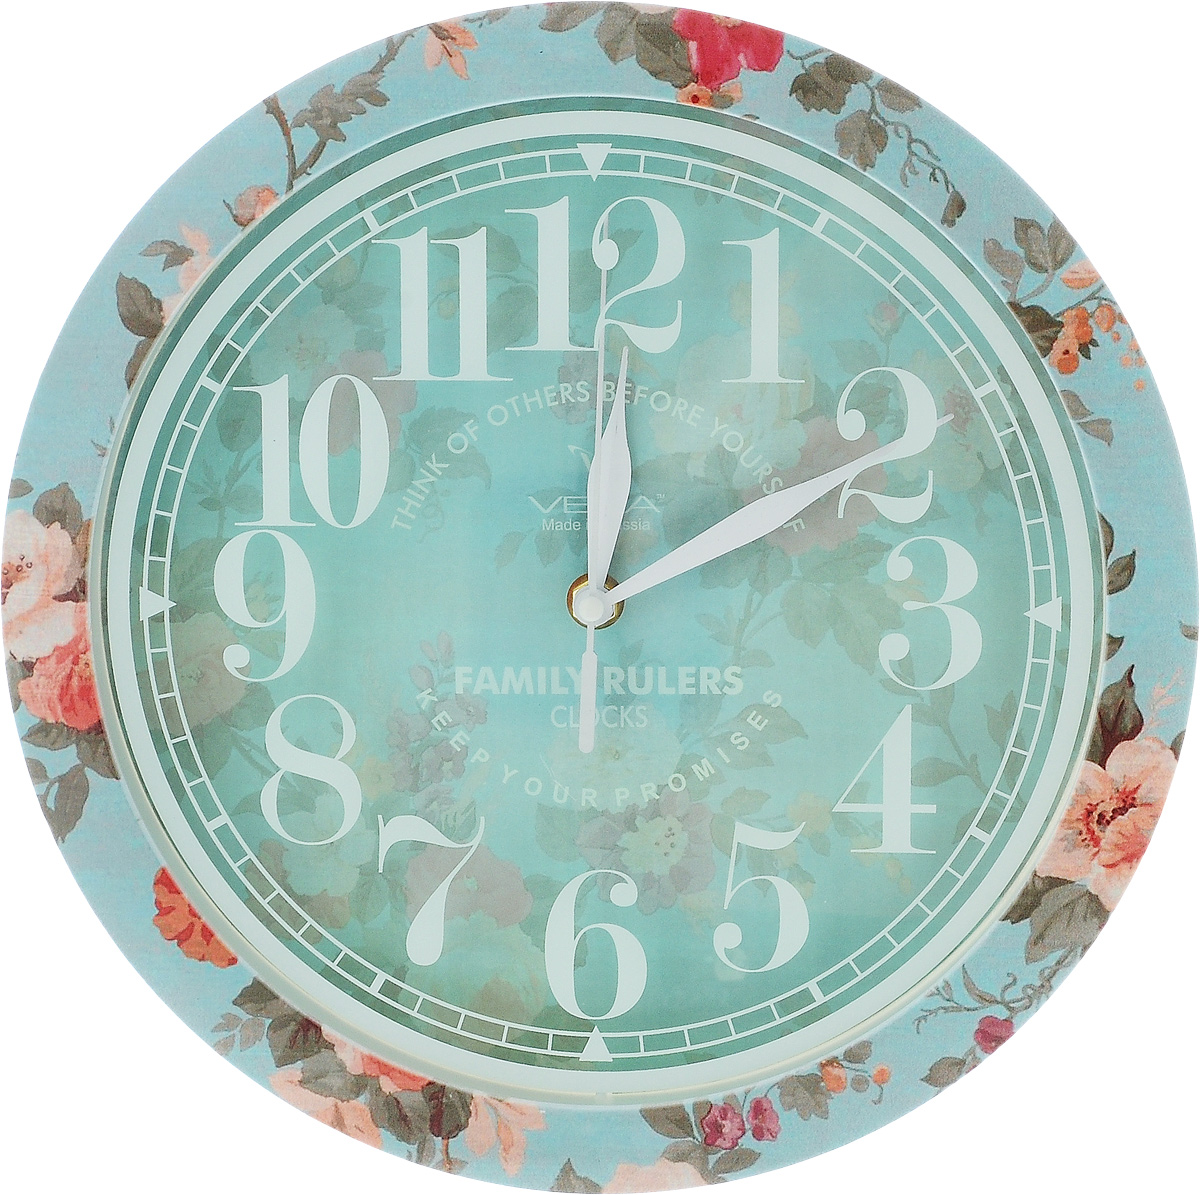 Часы настенные Вега Прованс, диаметр 28,5 см94672Настенные кварцевые часы Вега Прованс, изготовленные из пластика, прекрасно впишутся в интерьер вашего дома. Часы имеют три стрелки: часовую, минутную и секундную, циферблат защищен прозрачным стеклом. Часы работают от 1 батарейки типа АА напряжением 1,5 В (не входит в комплект).Прилагается инструкция по эксплуатации.